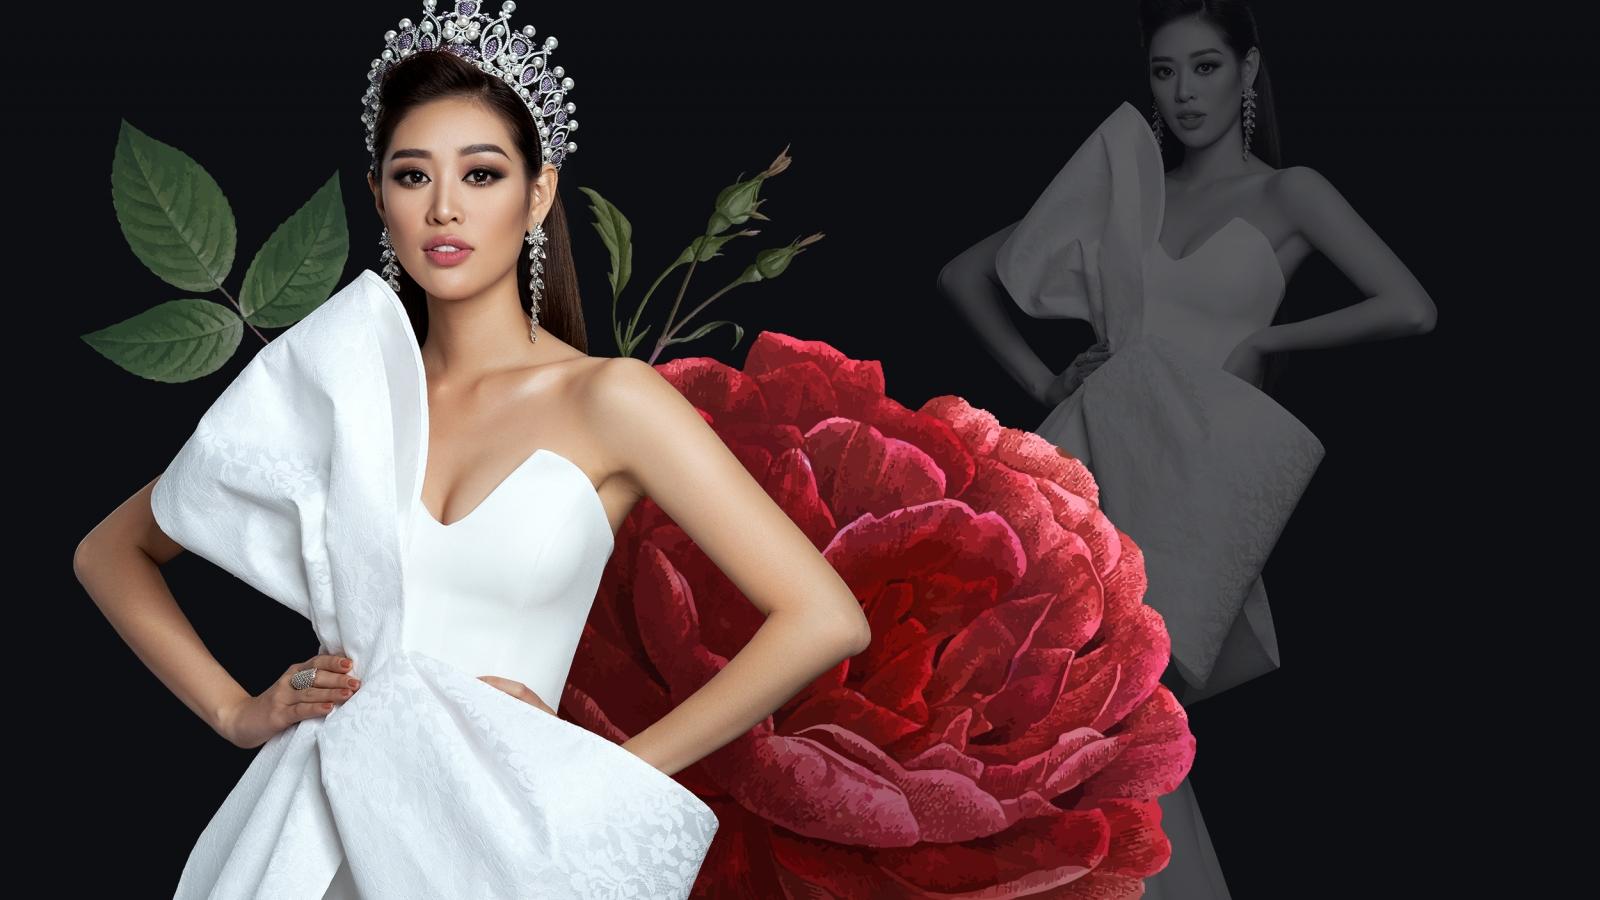 """Hoa hậu Khánh Vân: Tôi không biết """"làm nũng"""" khi yêu"""